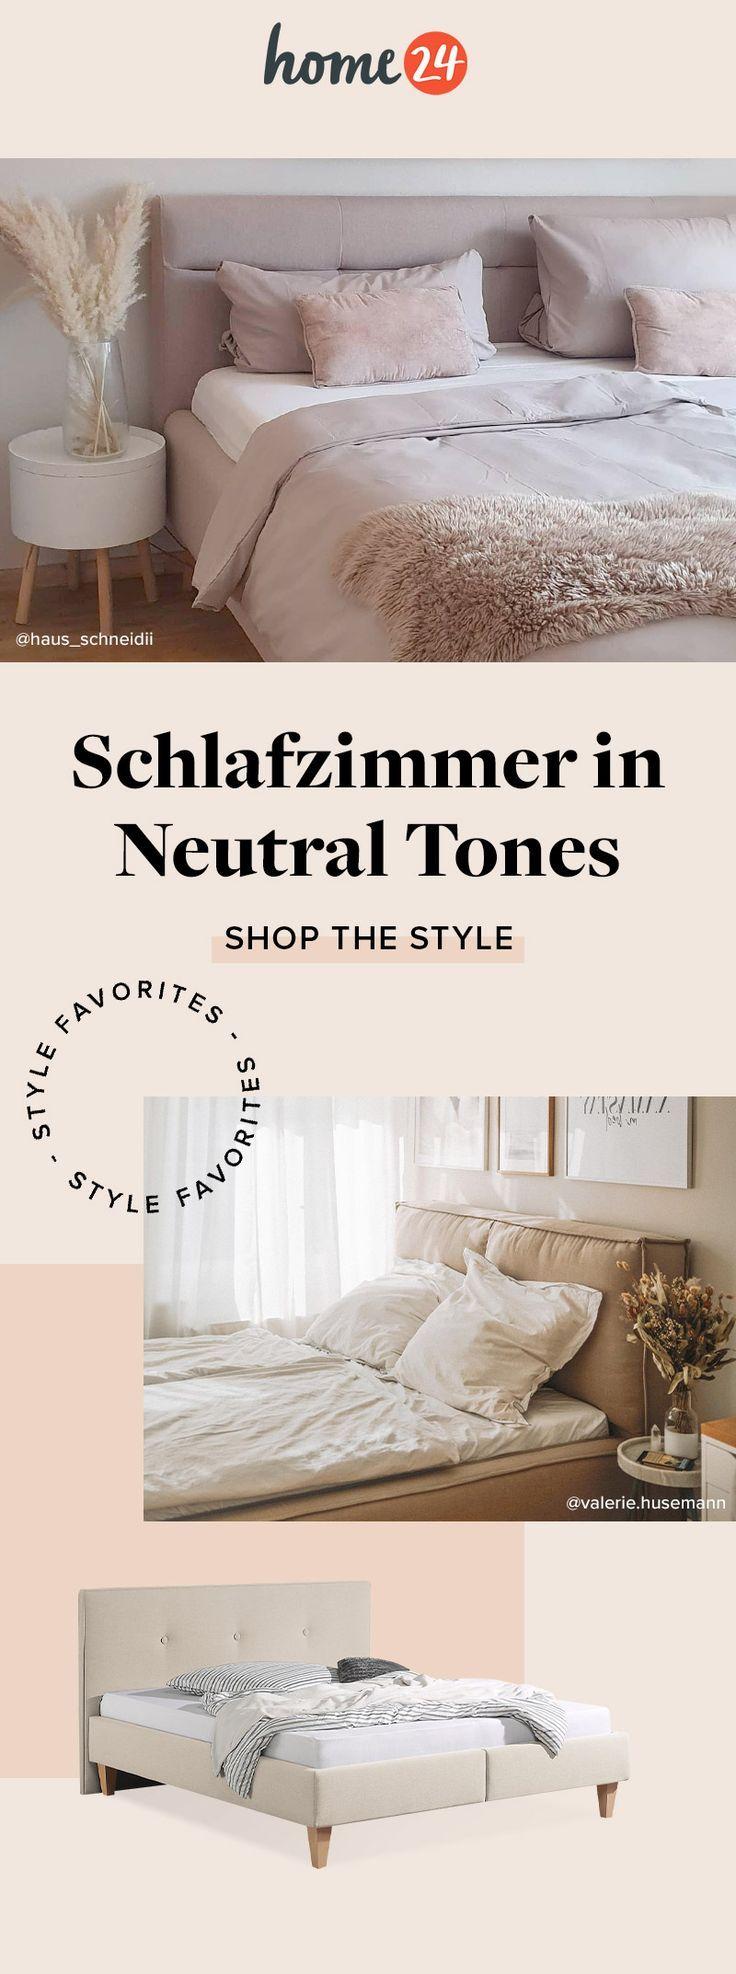 Neutral Tones im Schlafzimmer